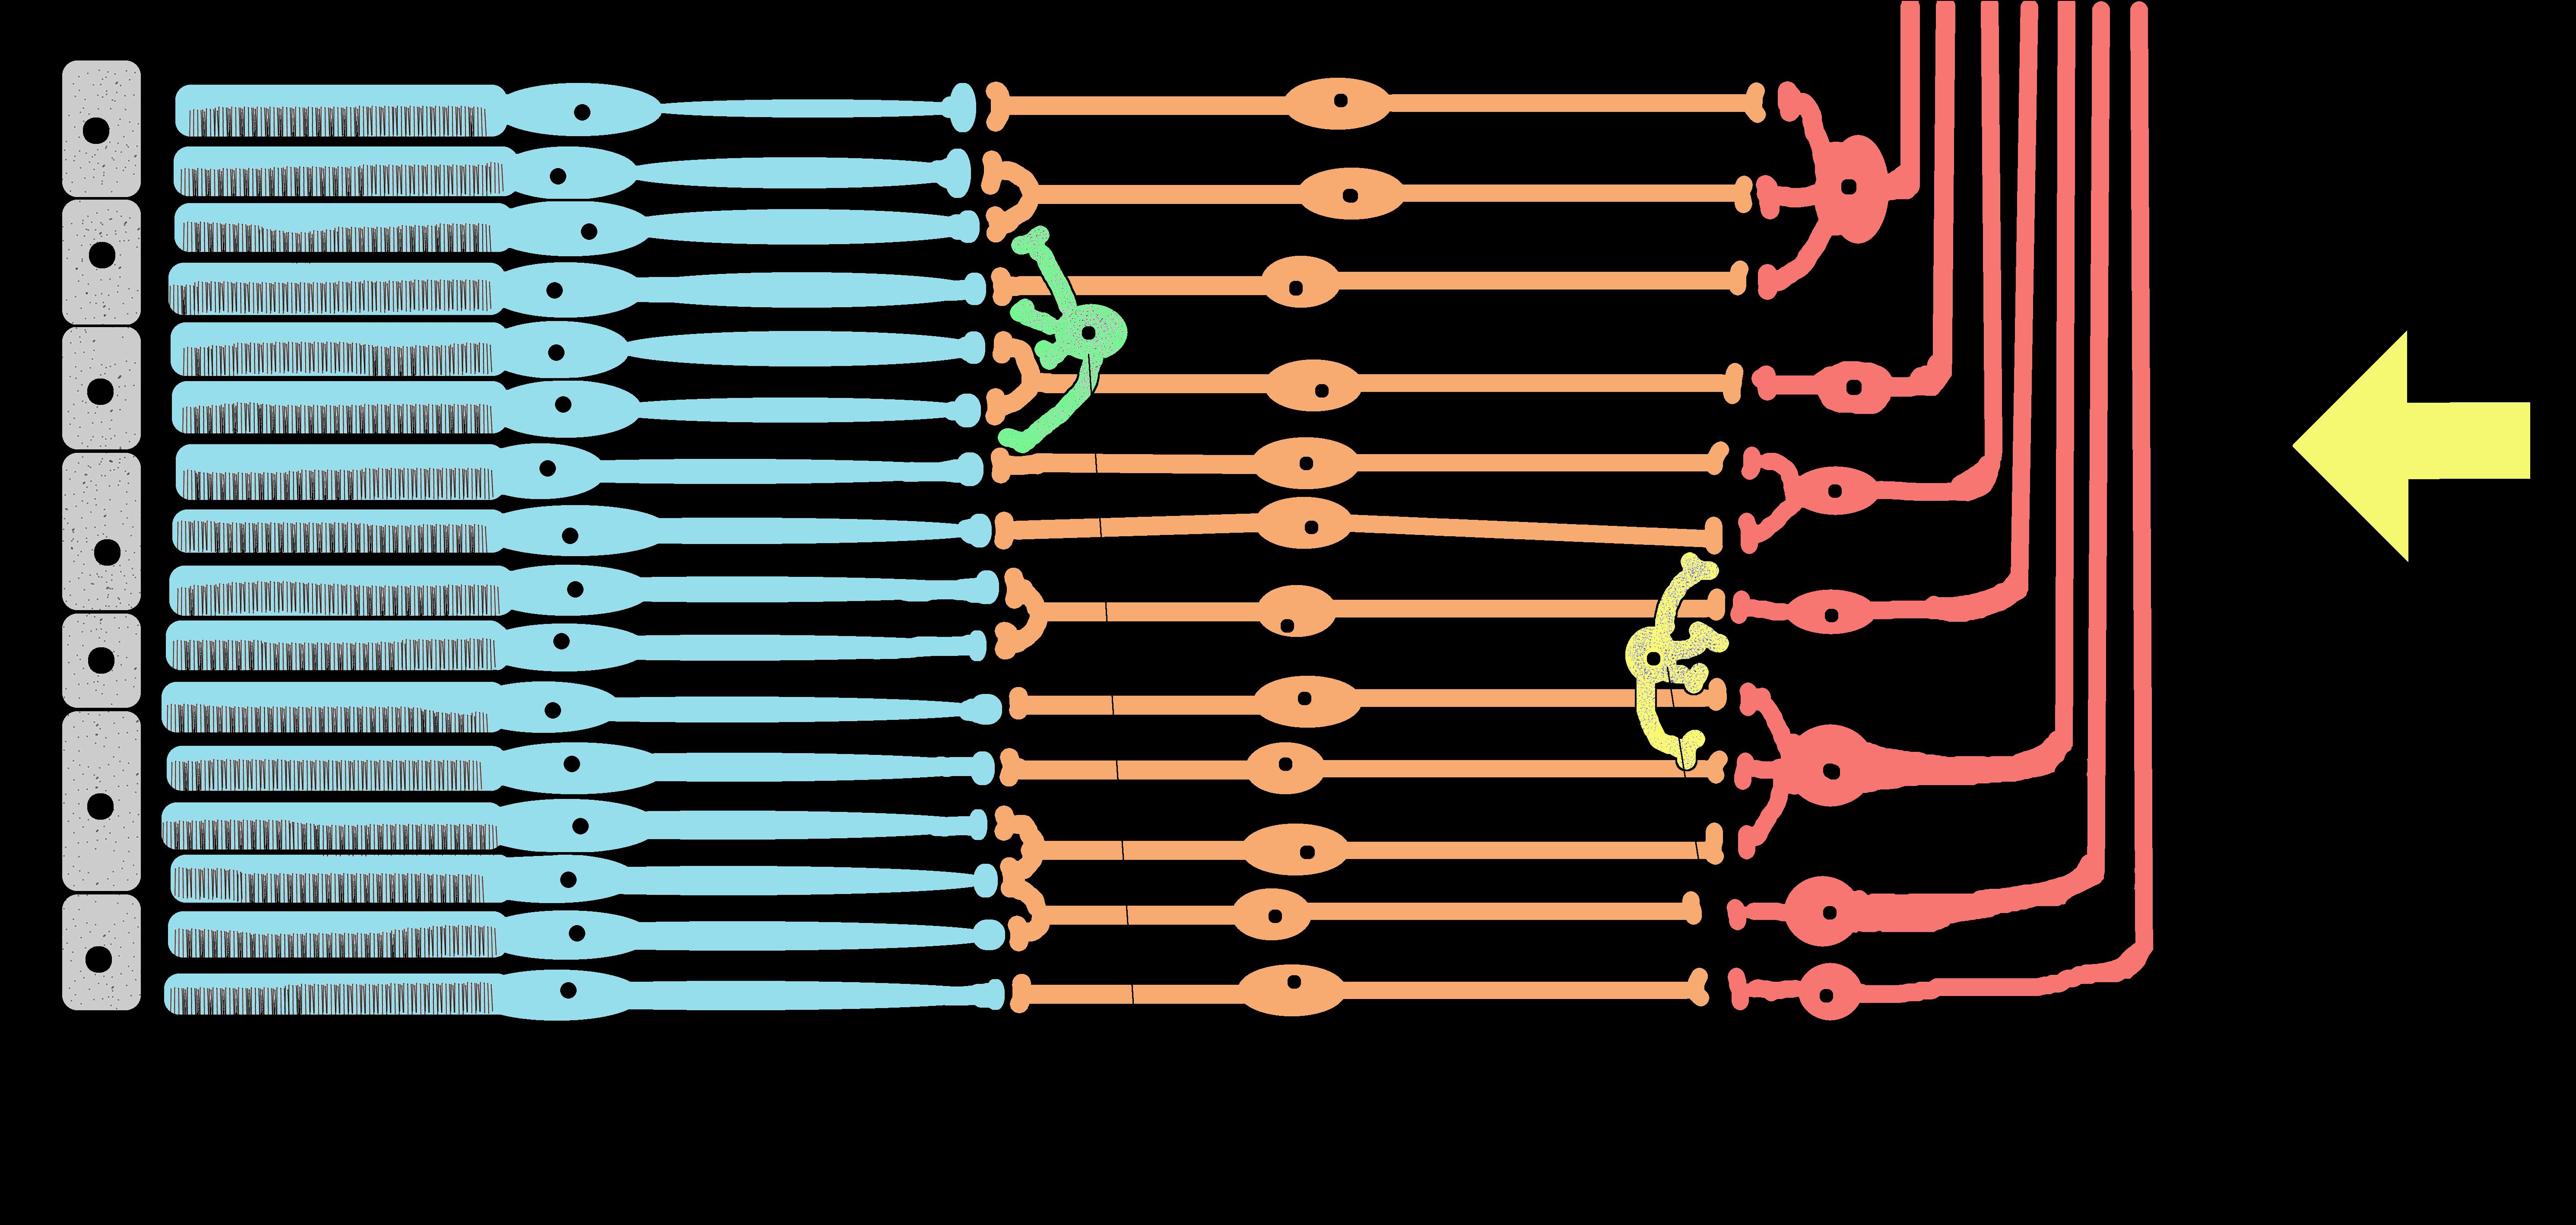 File:Retina schema Farbe.xcf - Wikimedia Commons